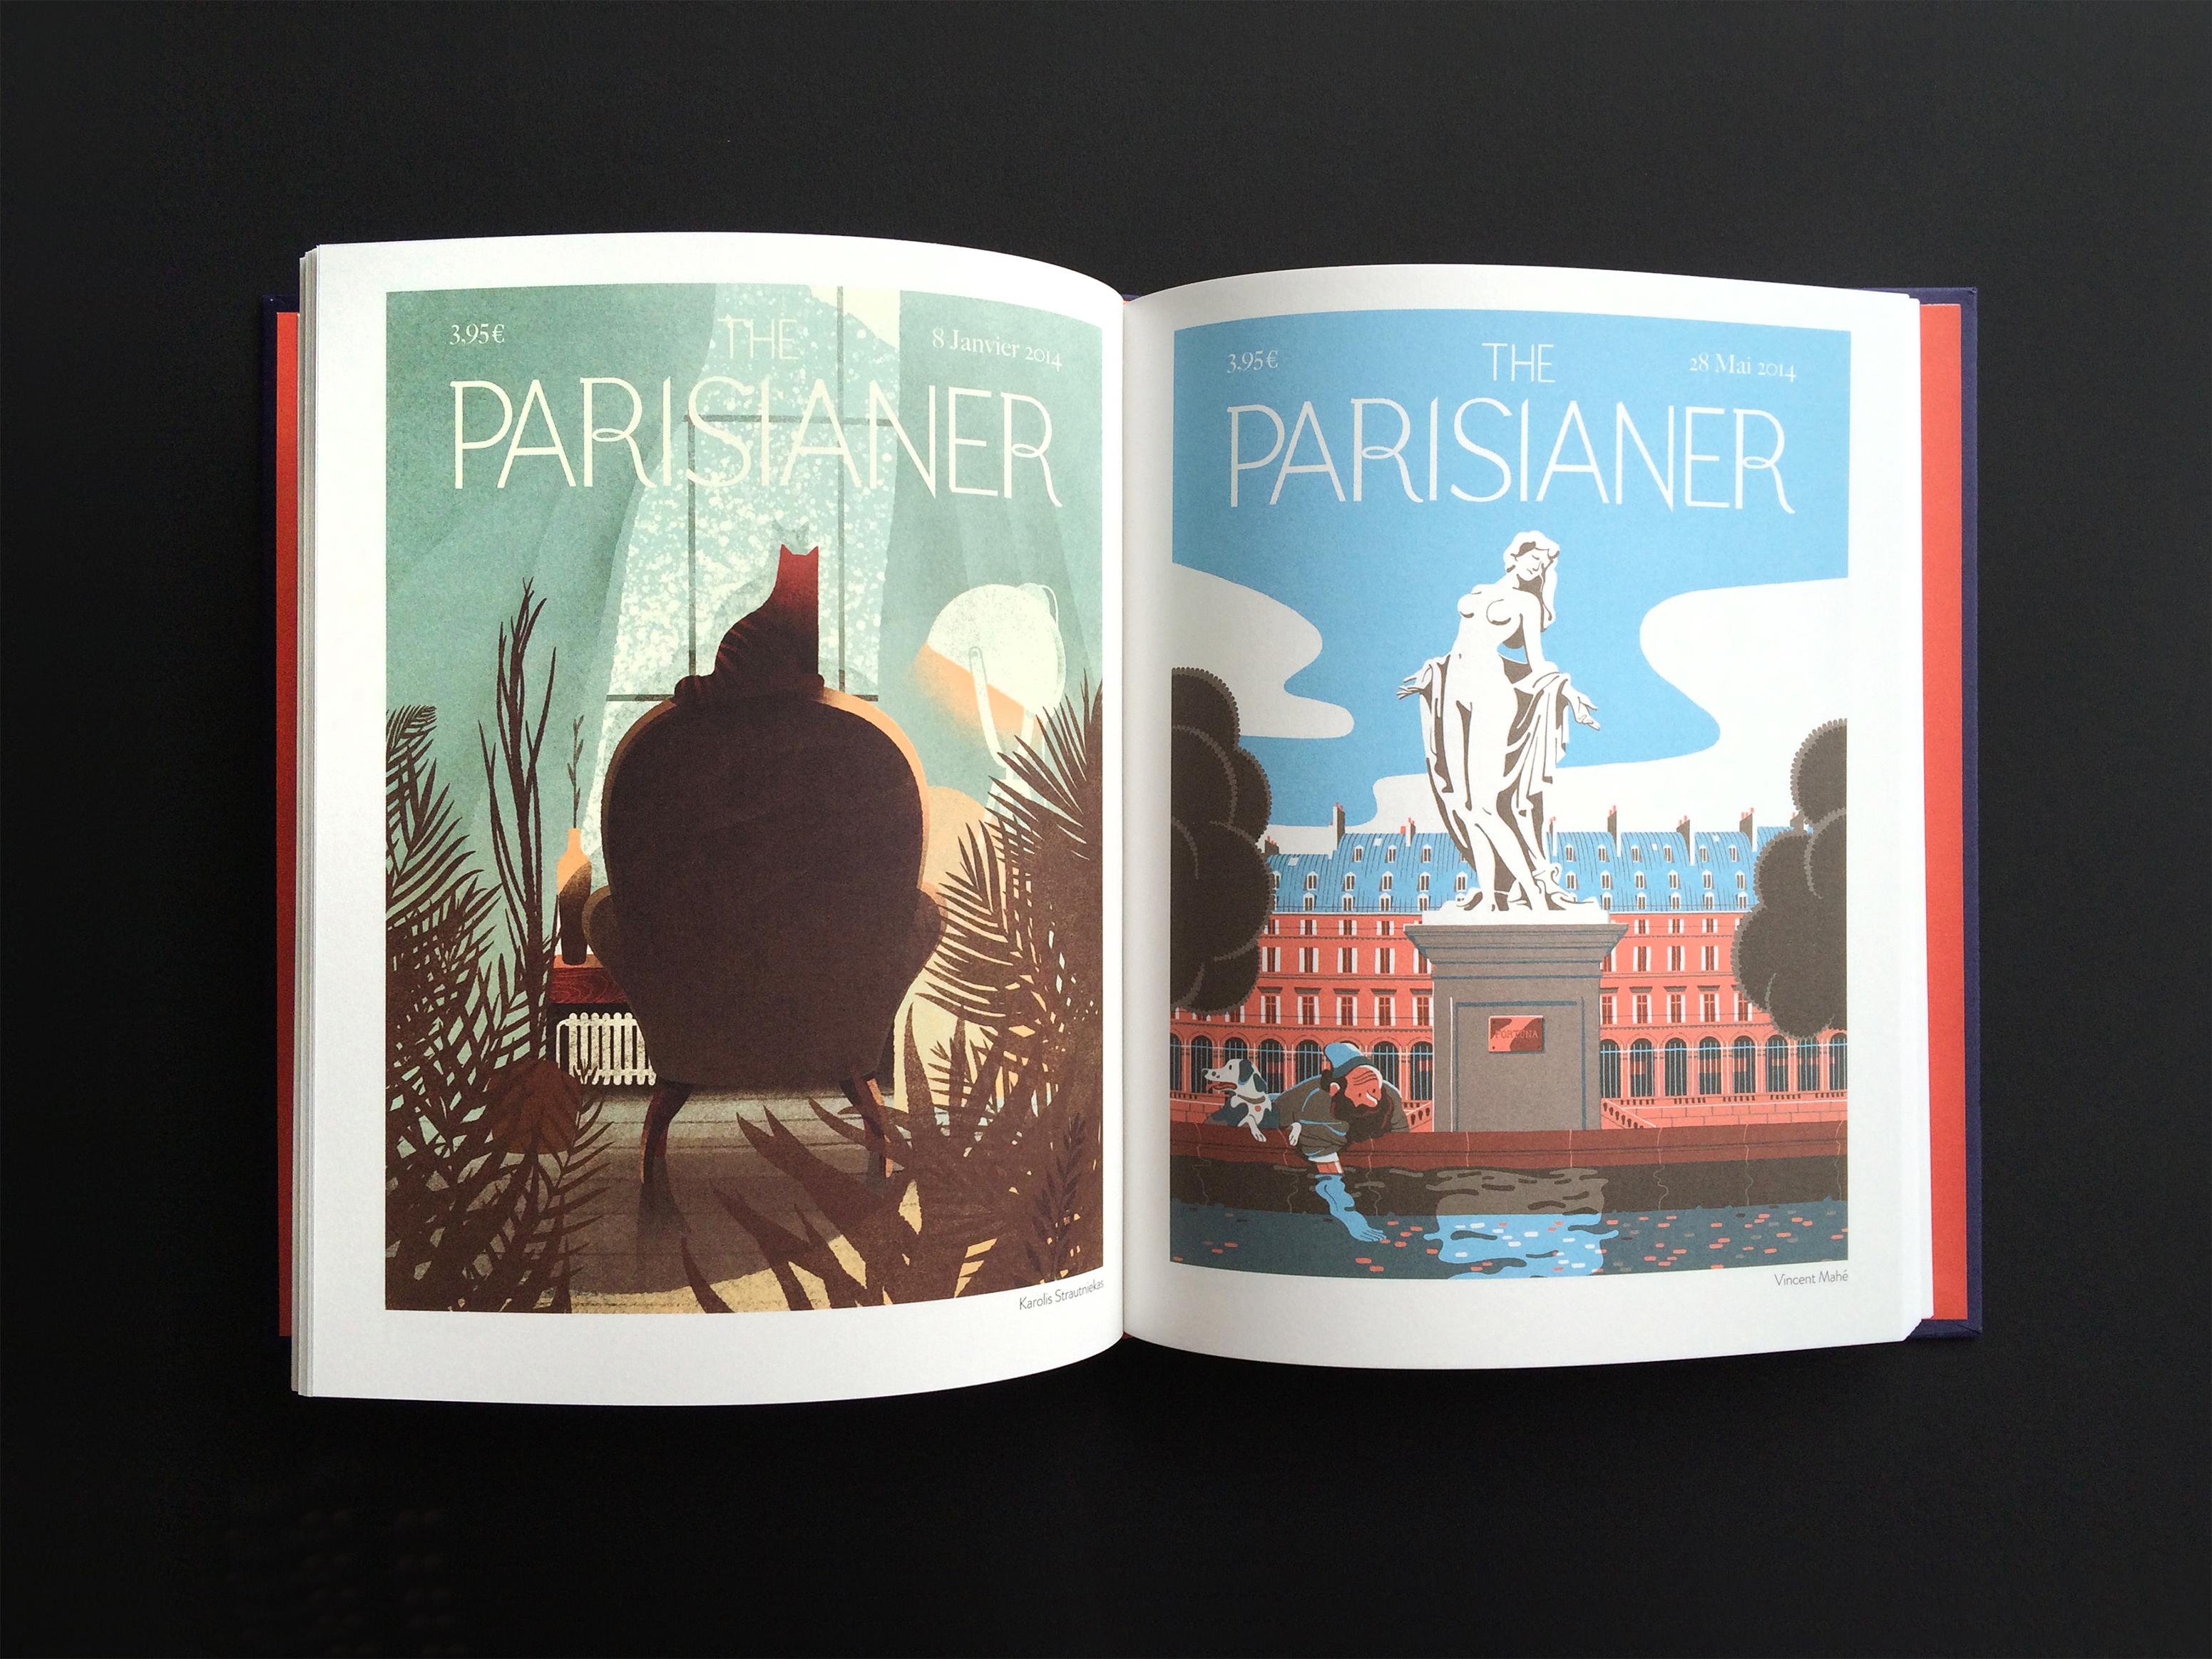 The Parisianer | Karolis Strautniekas, Vincent Mahé